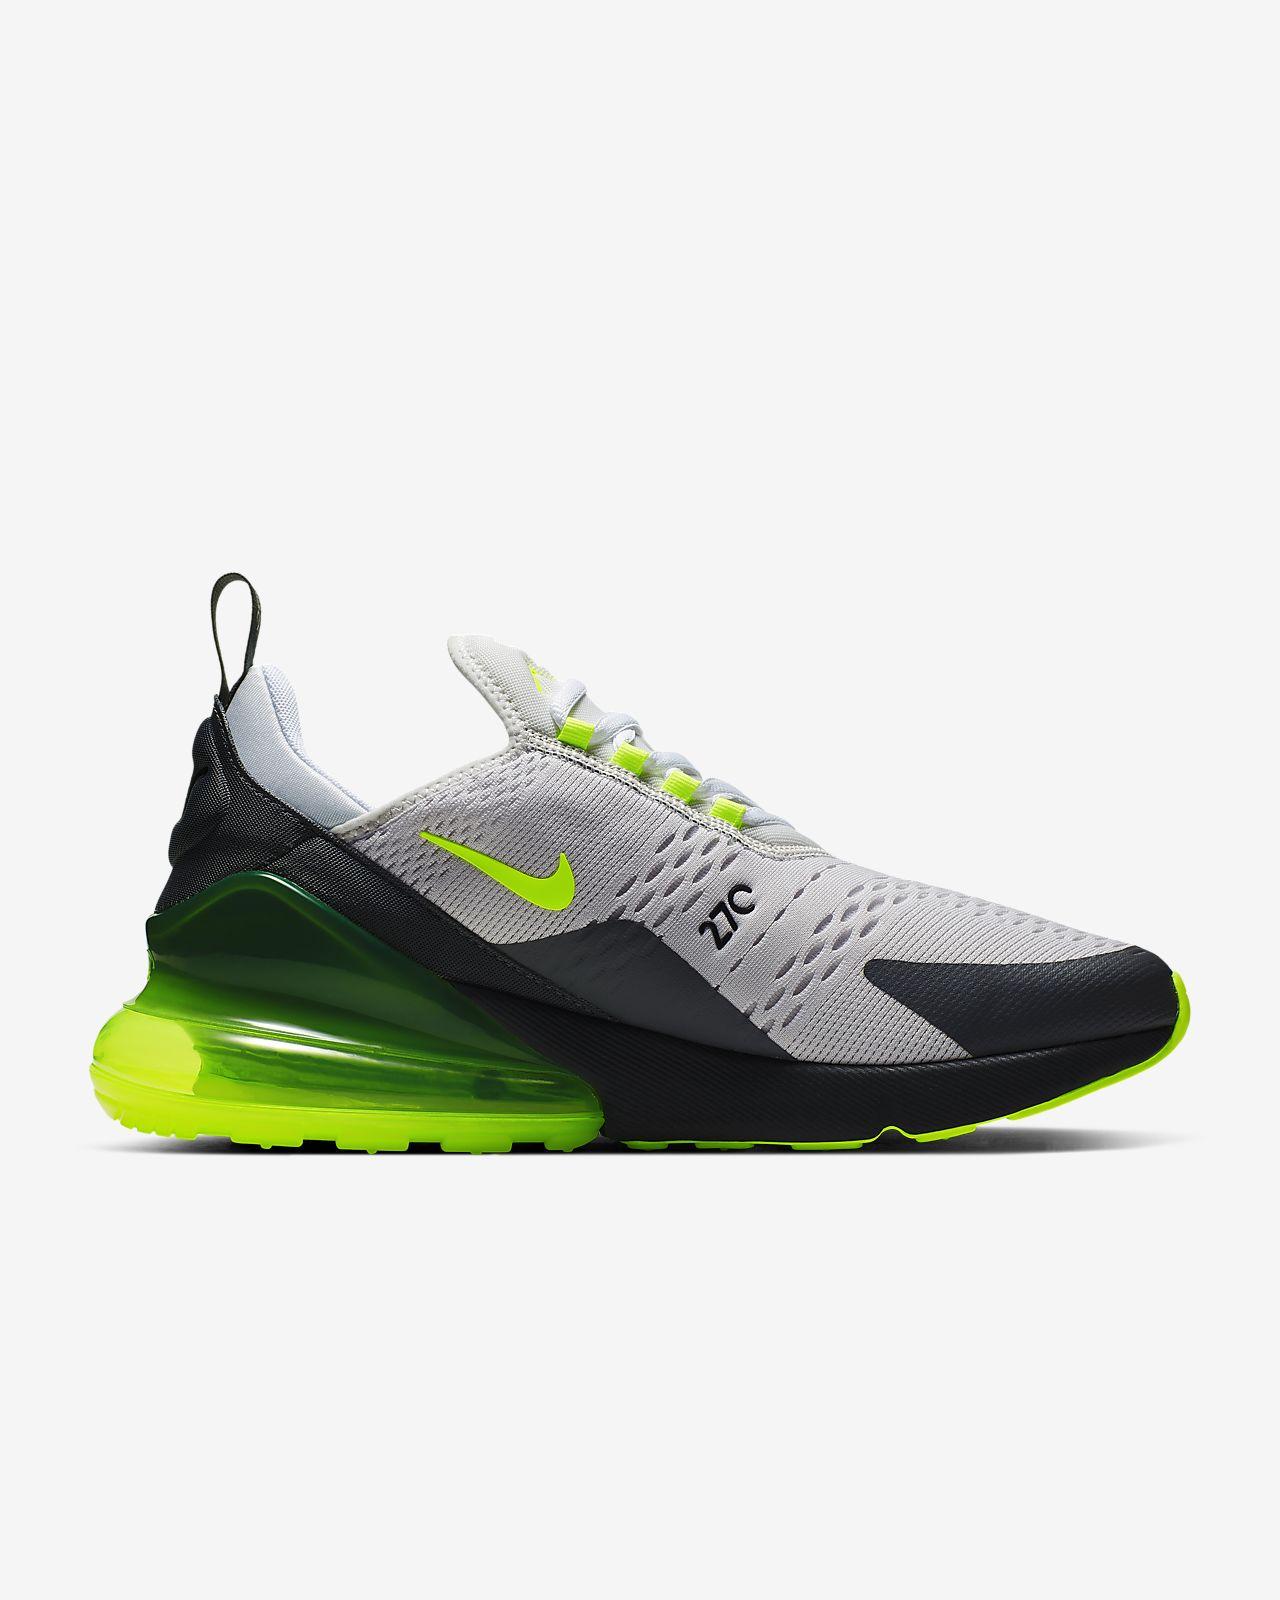 9cf0d3bf Nike Air Max 270 herresko. Nike.com NO